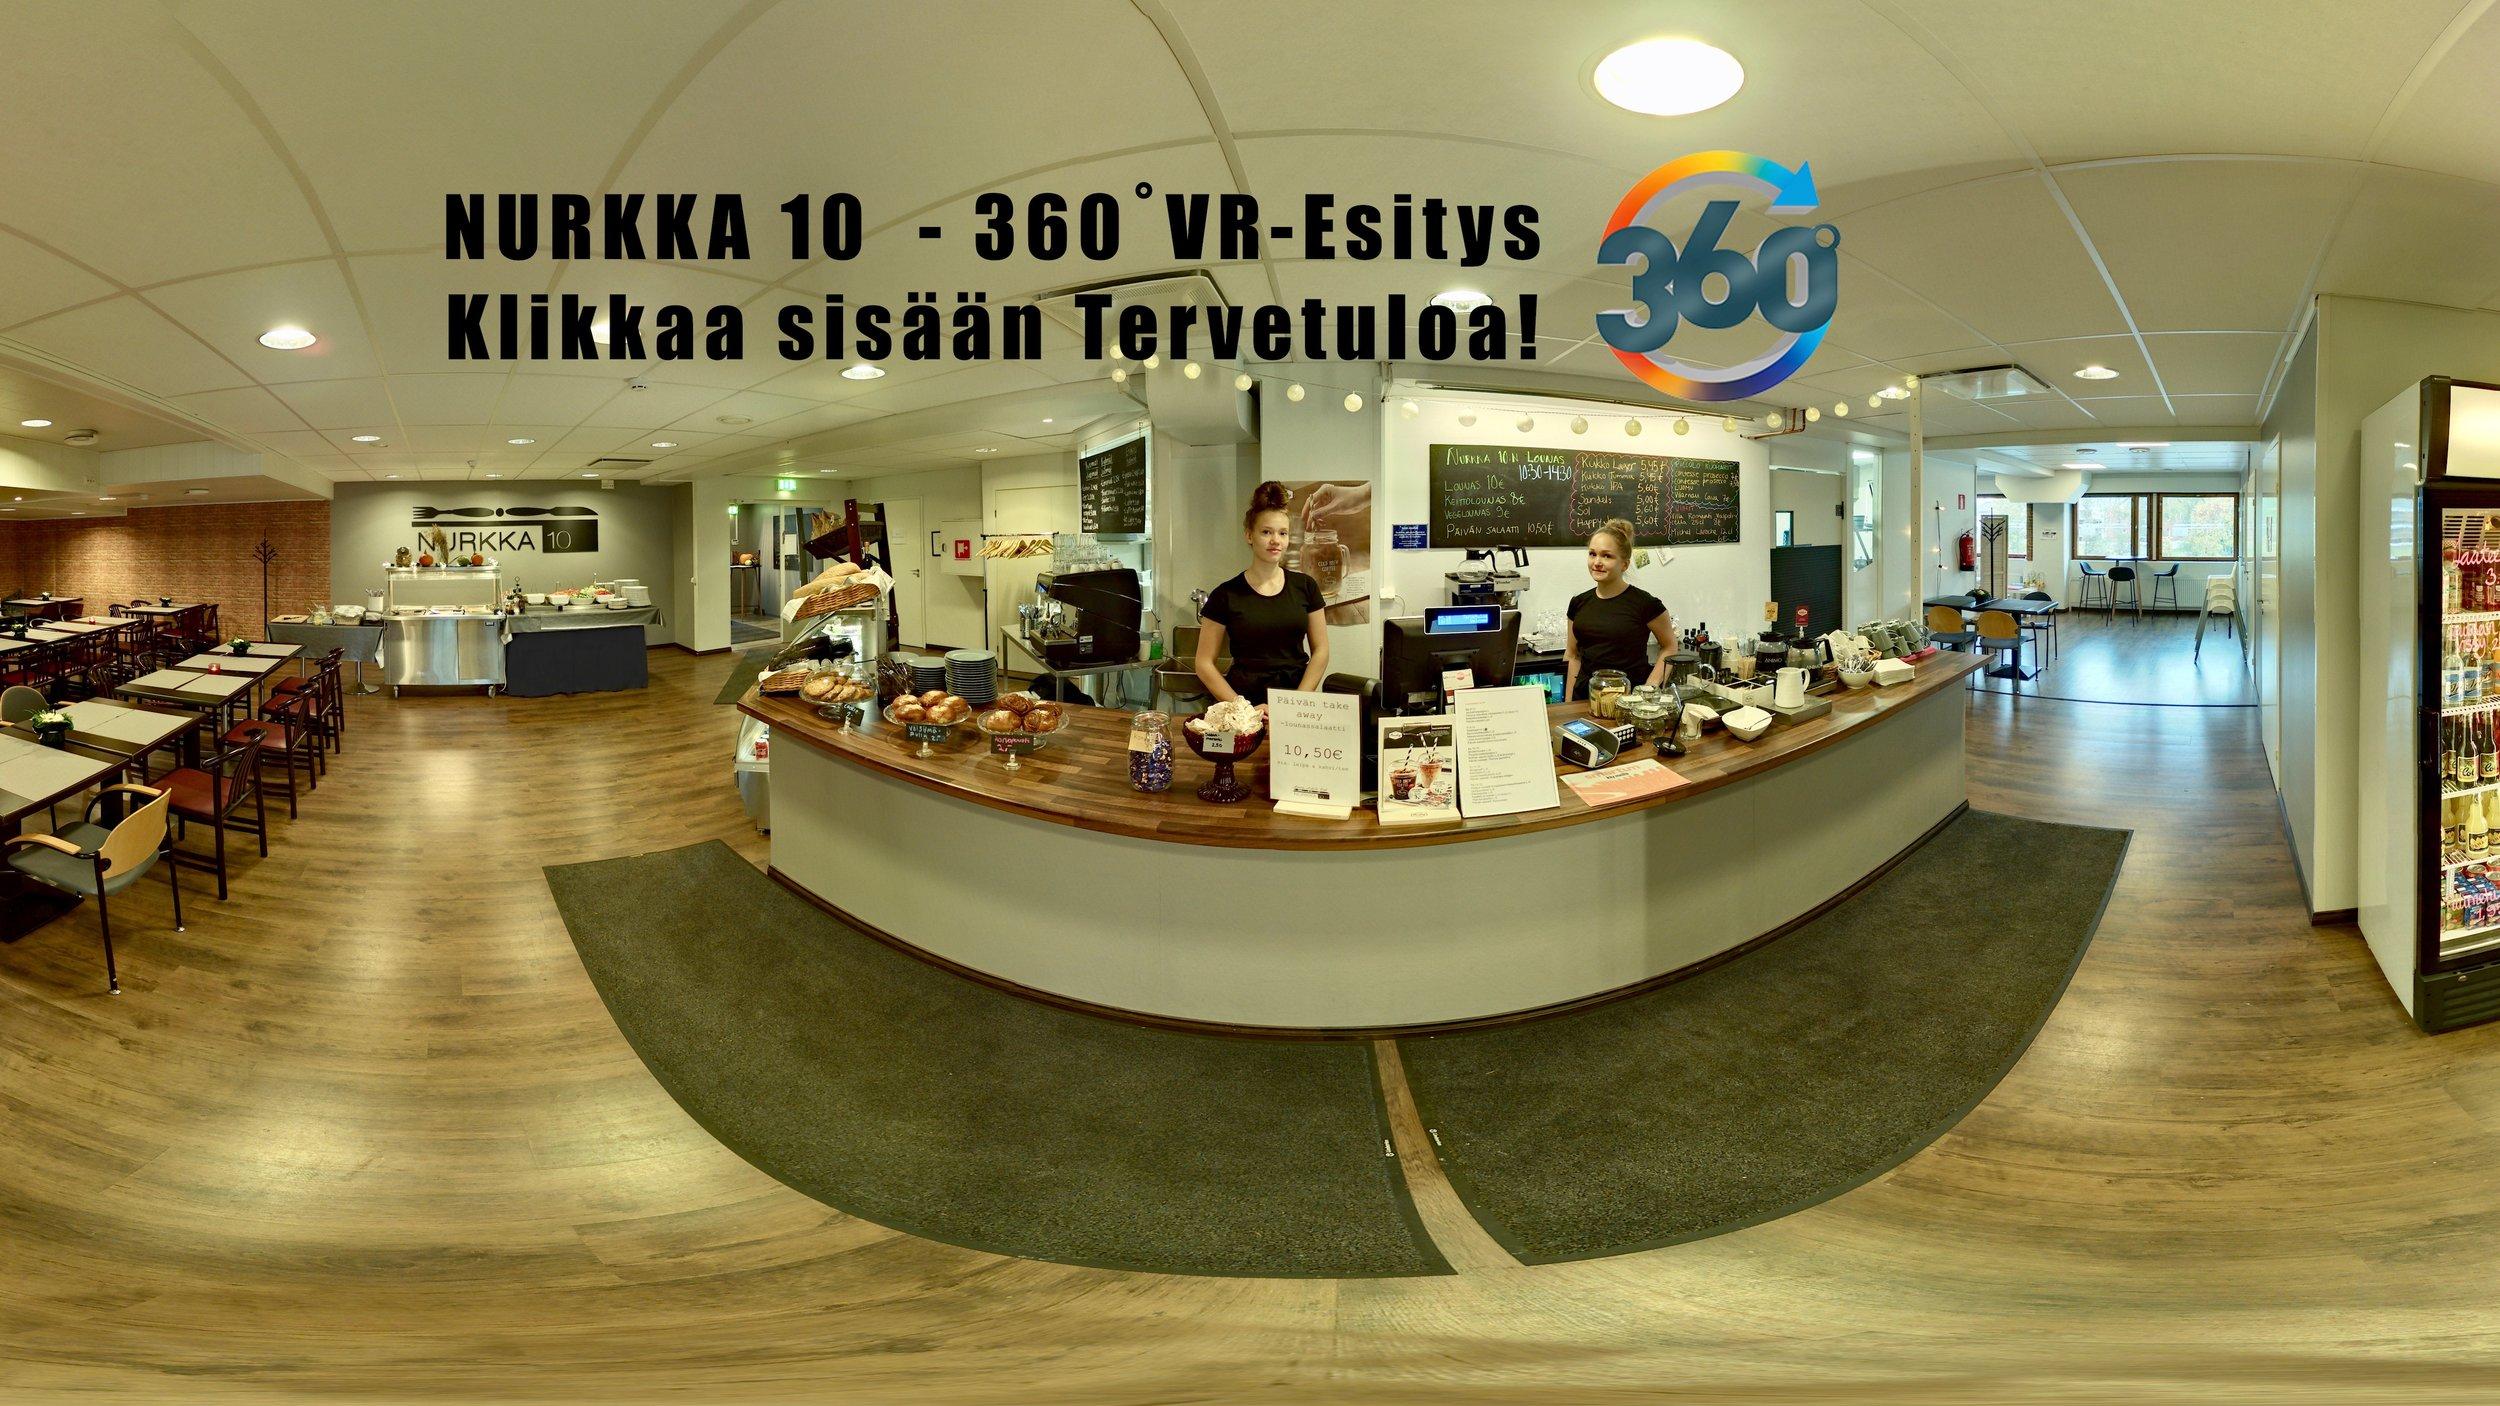 360-esityksen näyttökuva.jpg